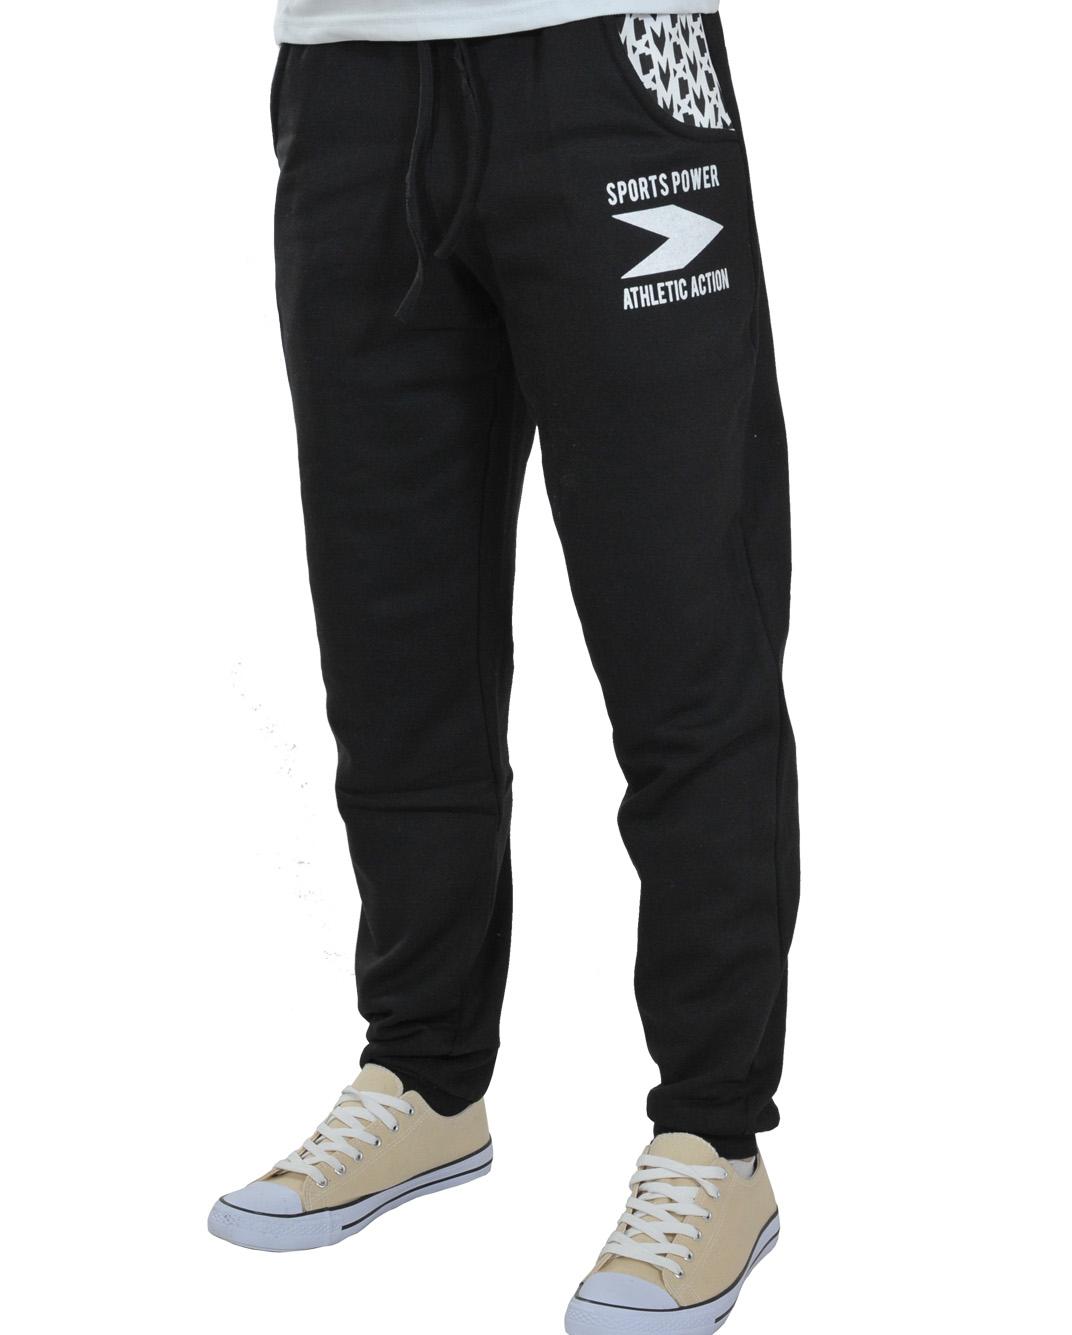 Ανδρική Φόρμα Becasual Sports Power-Μαύρο αρχική ανδρικά ρούχα φόρμες